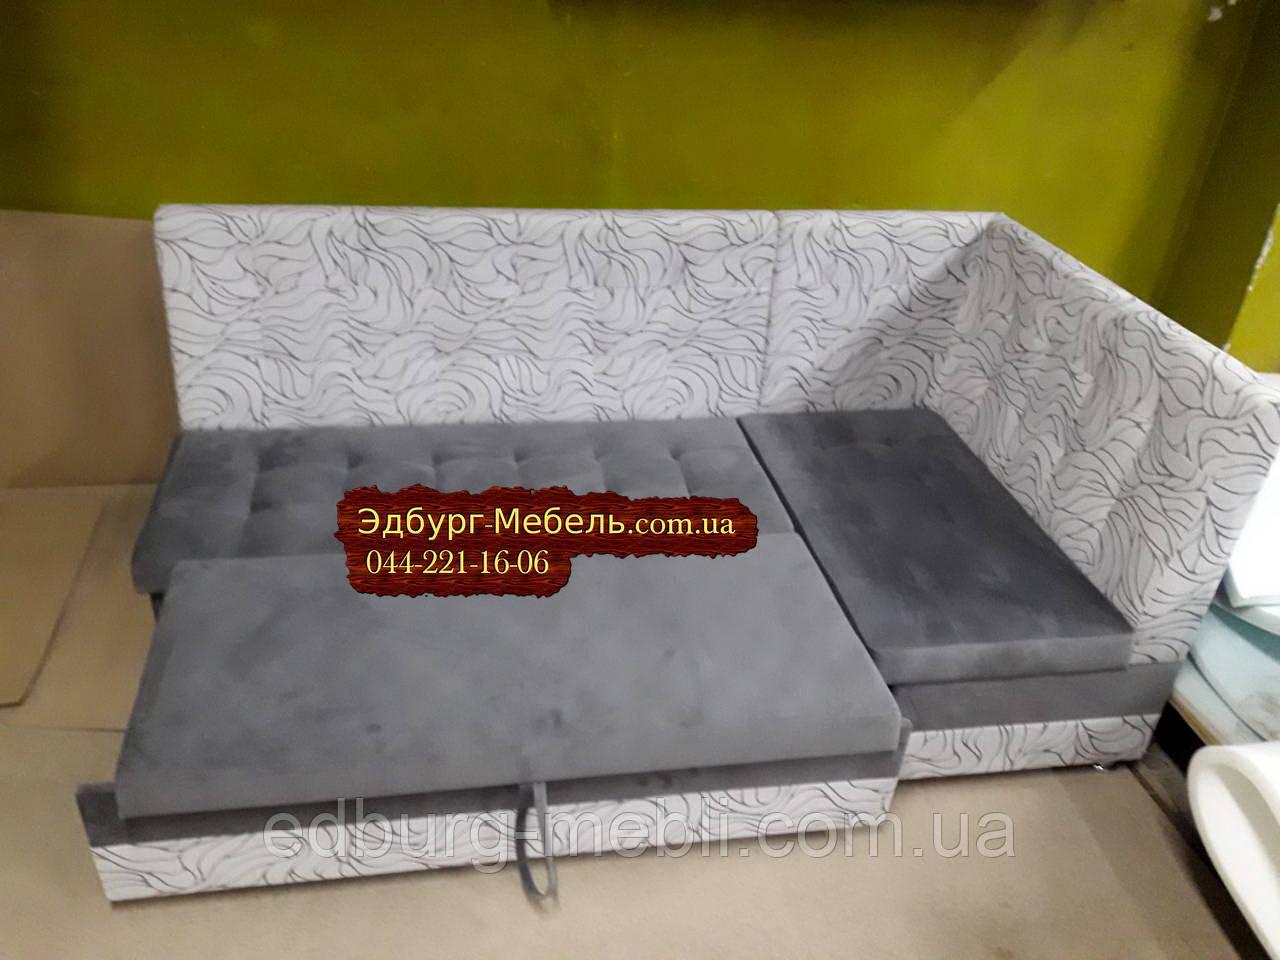 Кухонный уголок = кровать Квадро ткань антикоготь серый цвет